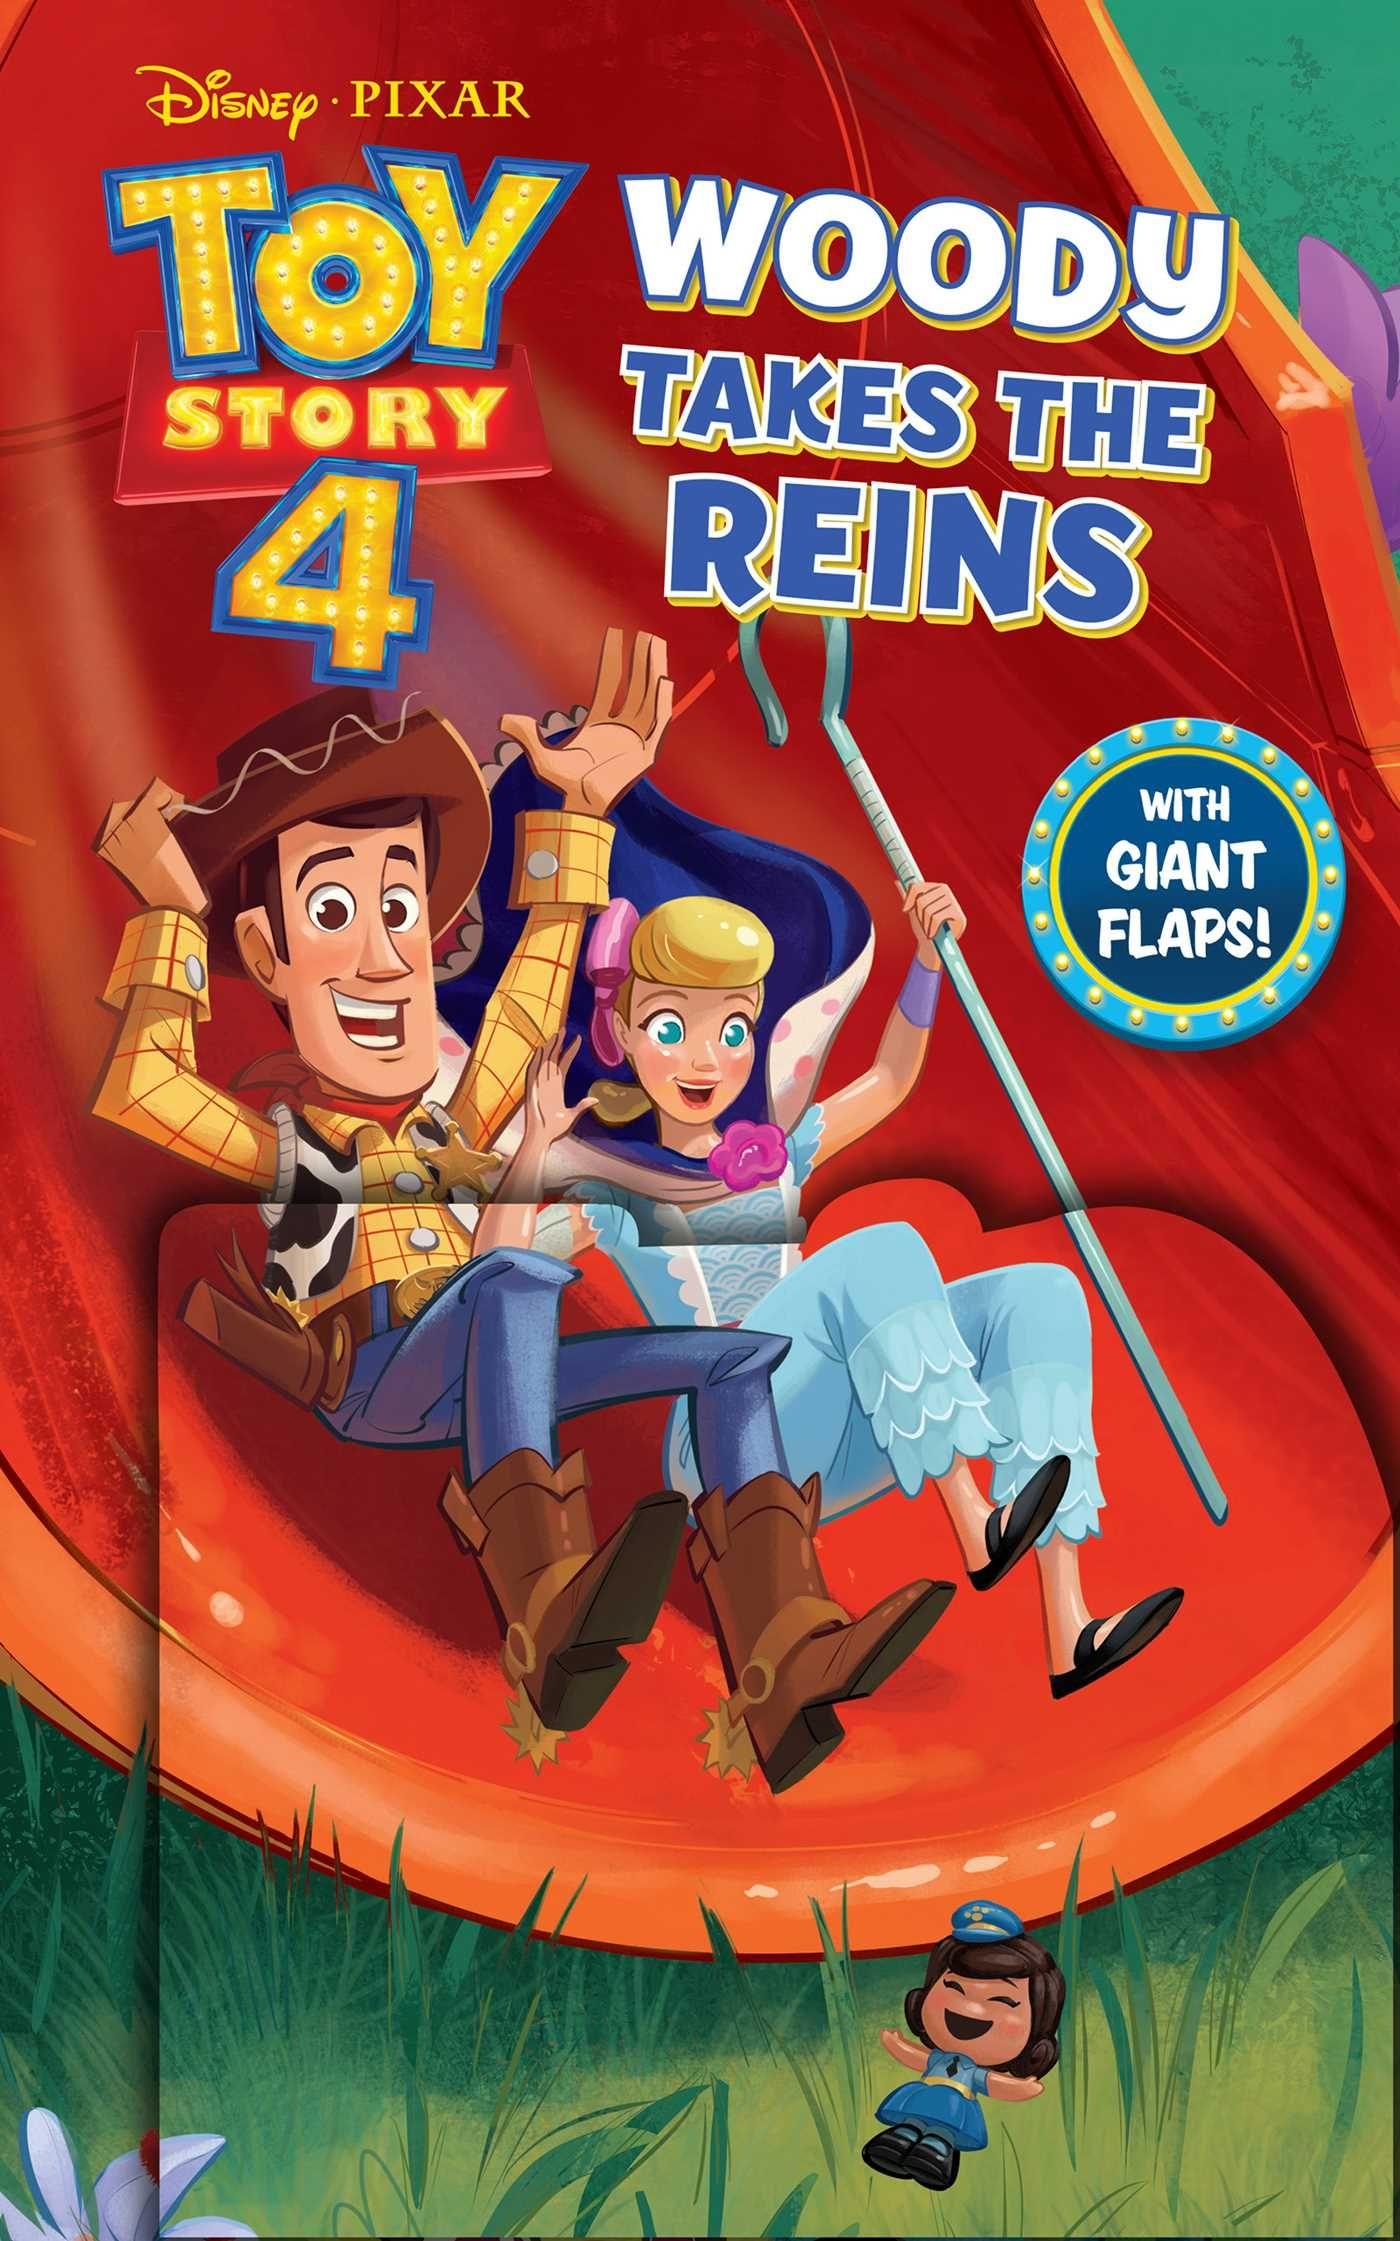 Regarder Le Film Toy Story 4 Film Complet 2019 French Stream Peliculas En Espanol Peliculas Completas Toy Story